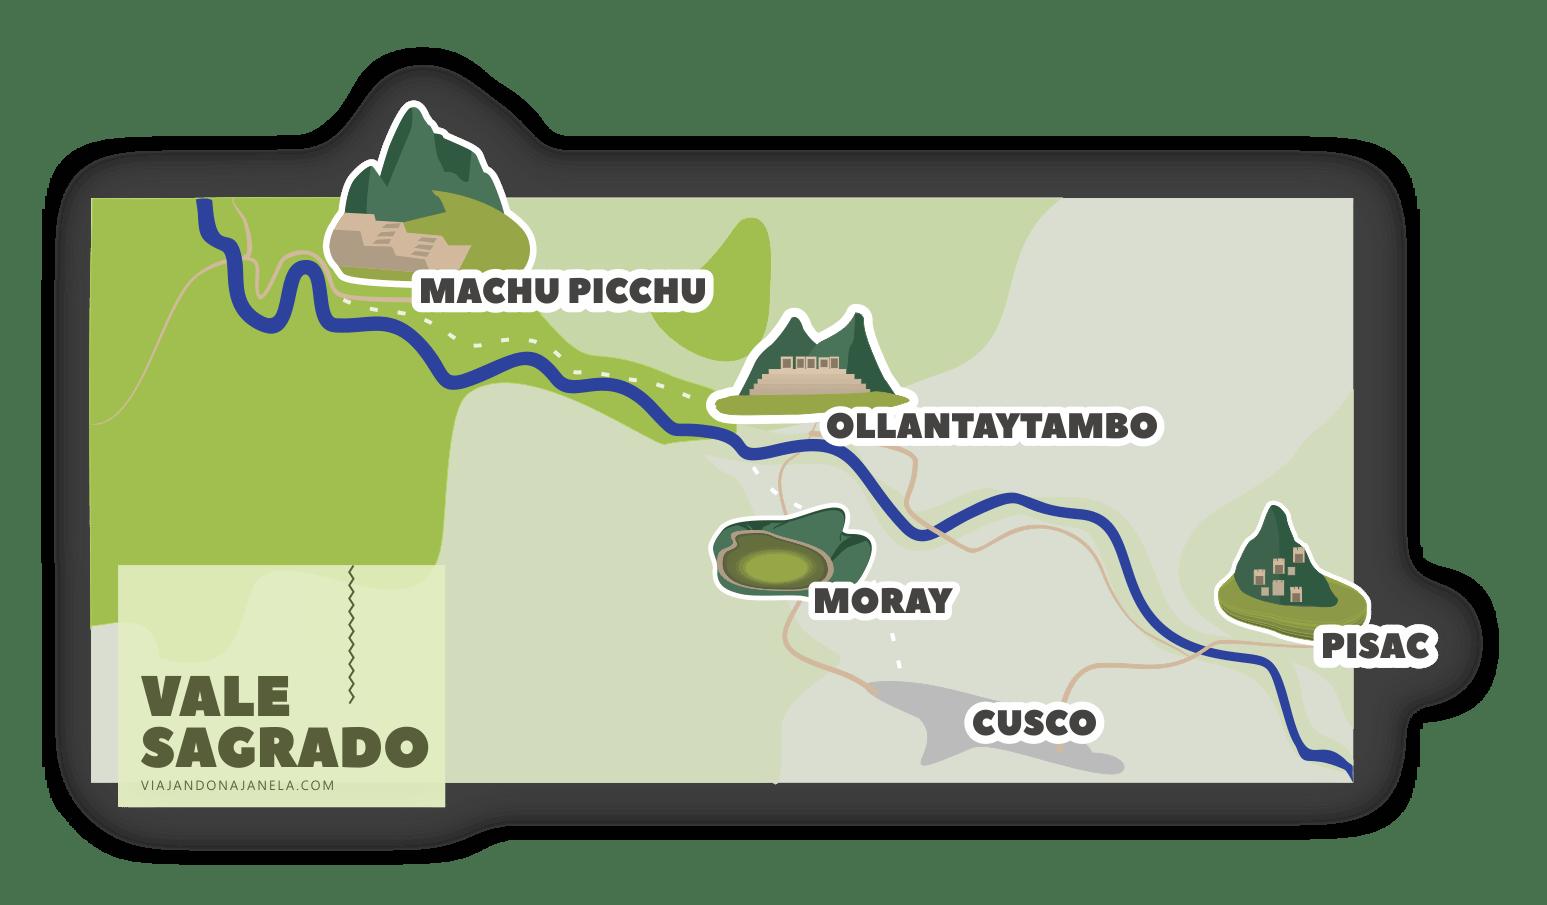 Mapa do Vale Sagrado